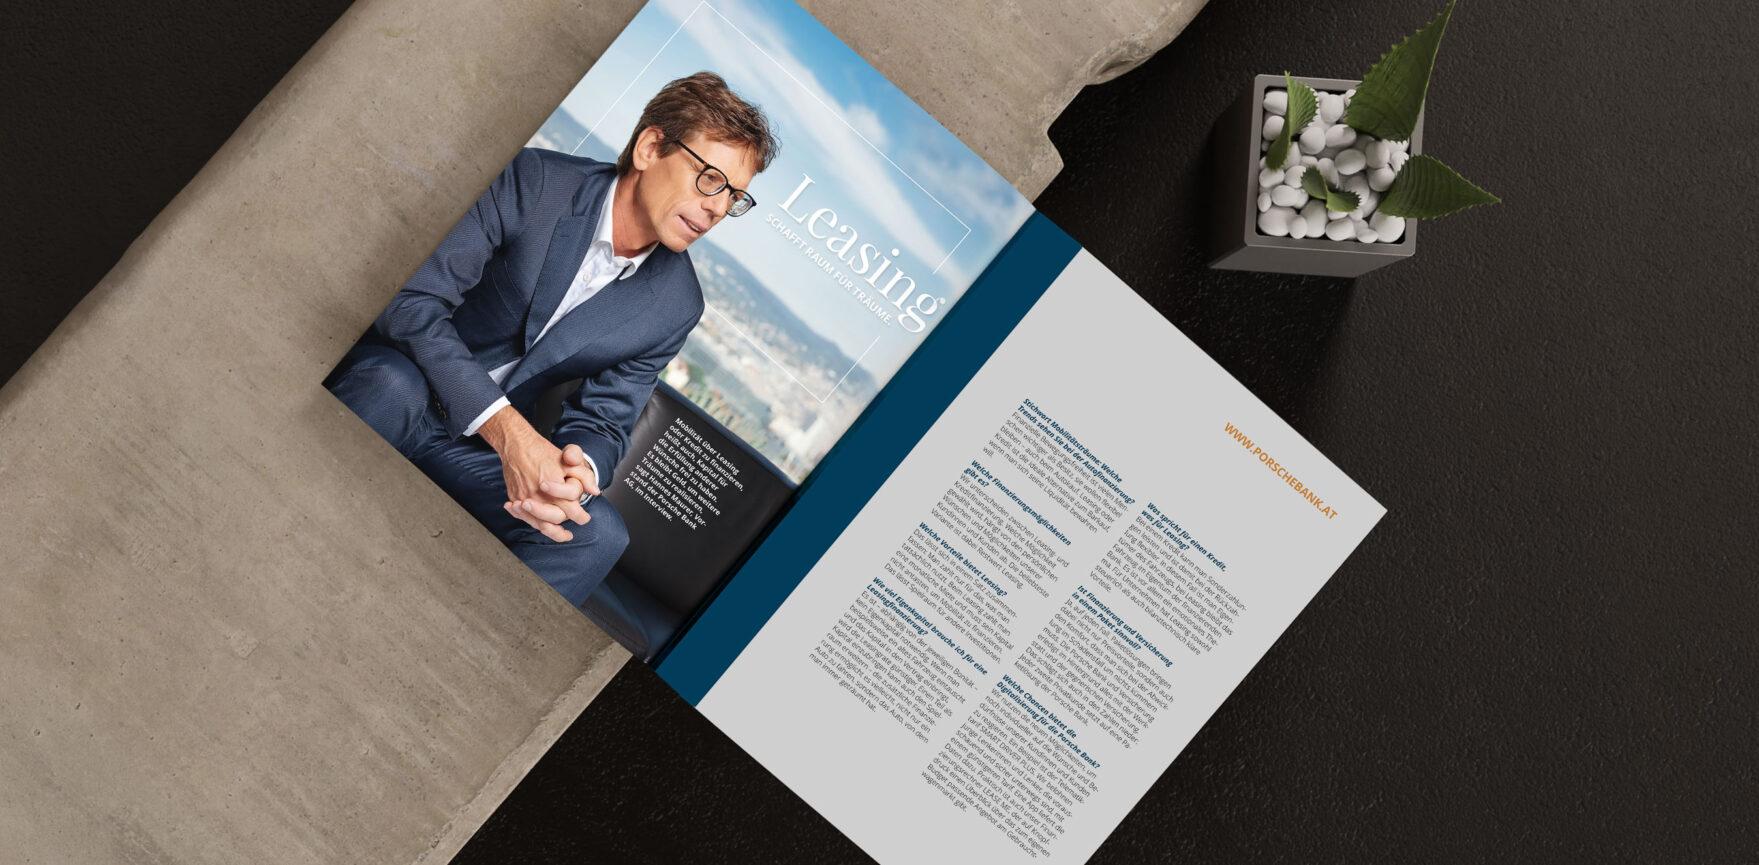 Porsche Bank Cover Imagebroschuere